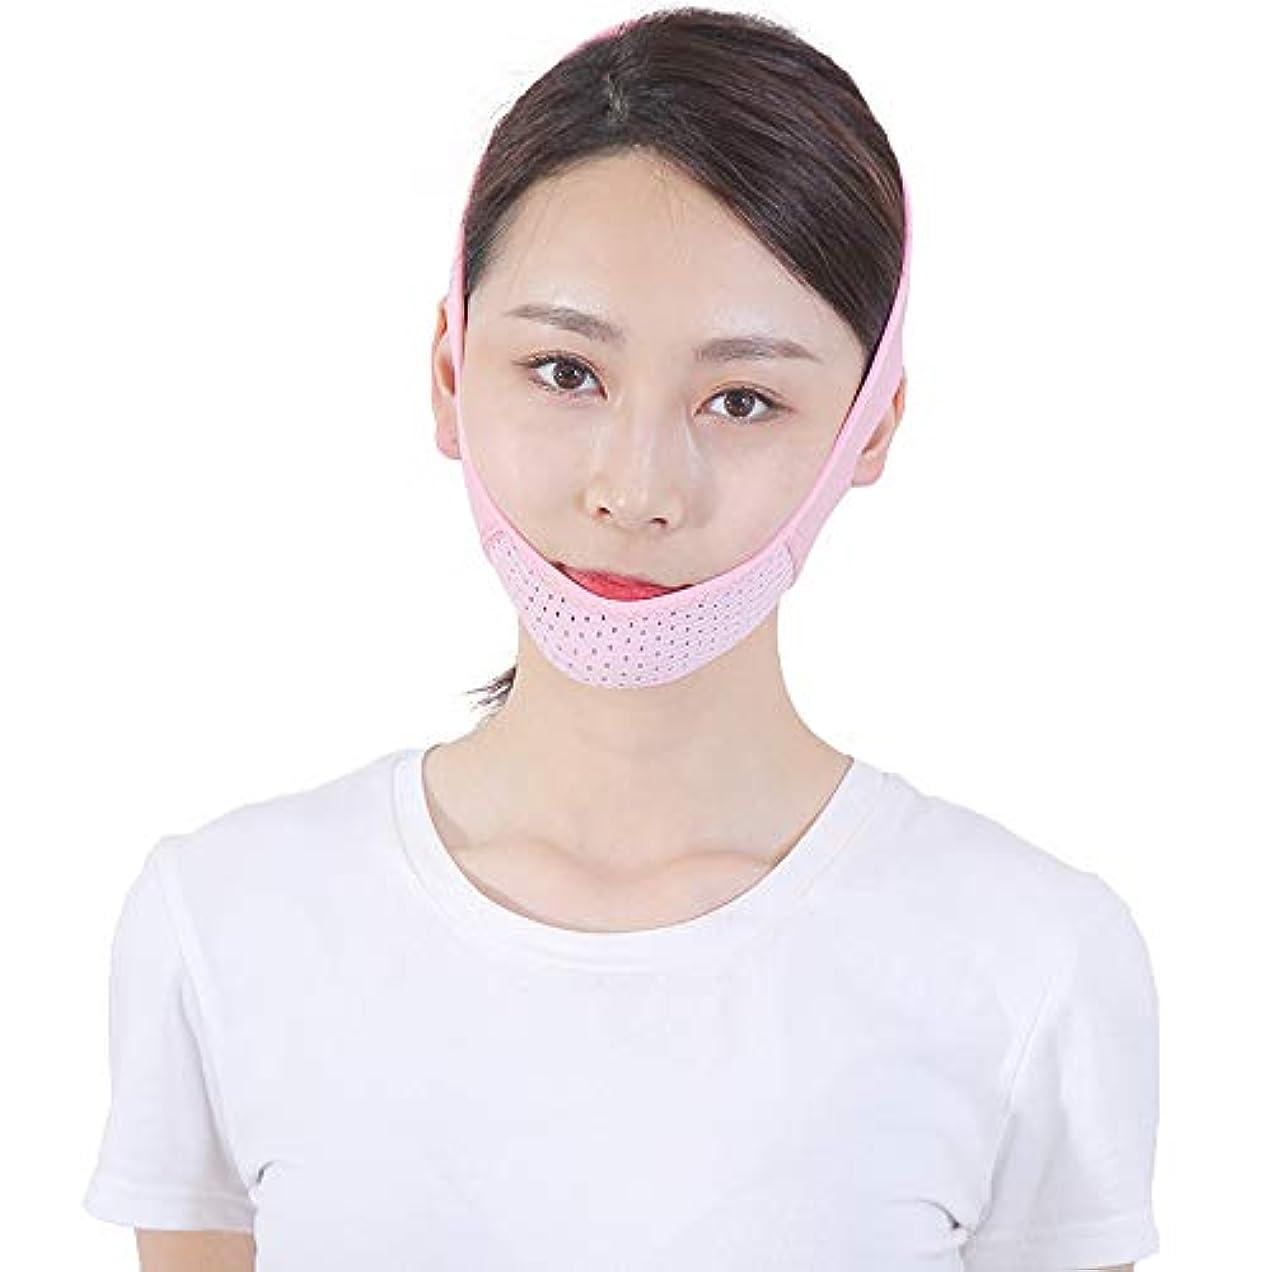 自動車洋服ベーコンGYZ フェイシャルリフティング痩身ベルトフェイススリムゲットダブルチンアンチエイジングリンクルフェイスバンデージマスクシェイピングマスク顔を引き締めるダブルチンワークアウト Thin Face Belt